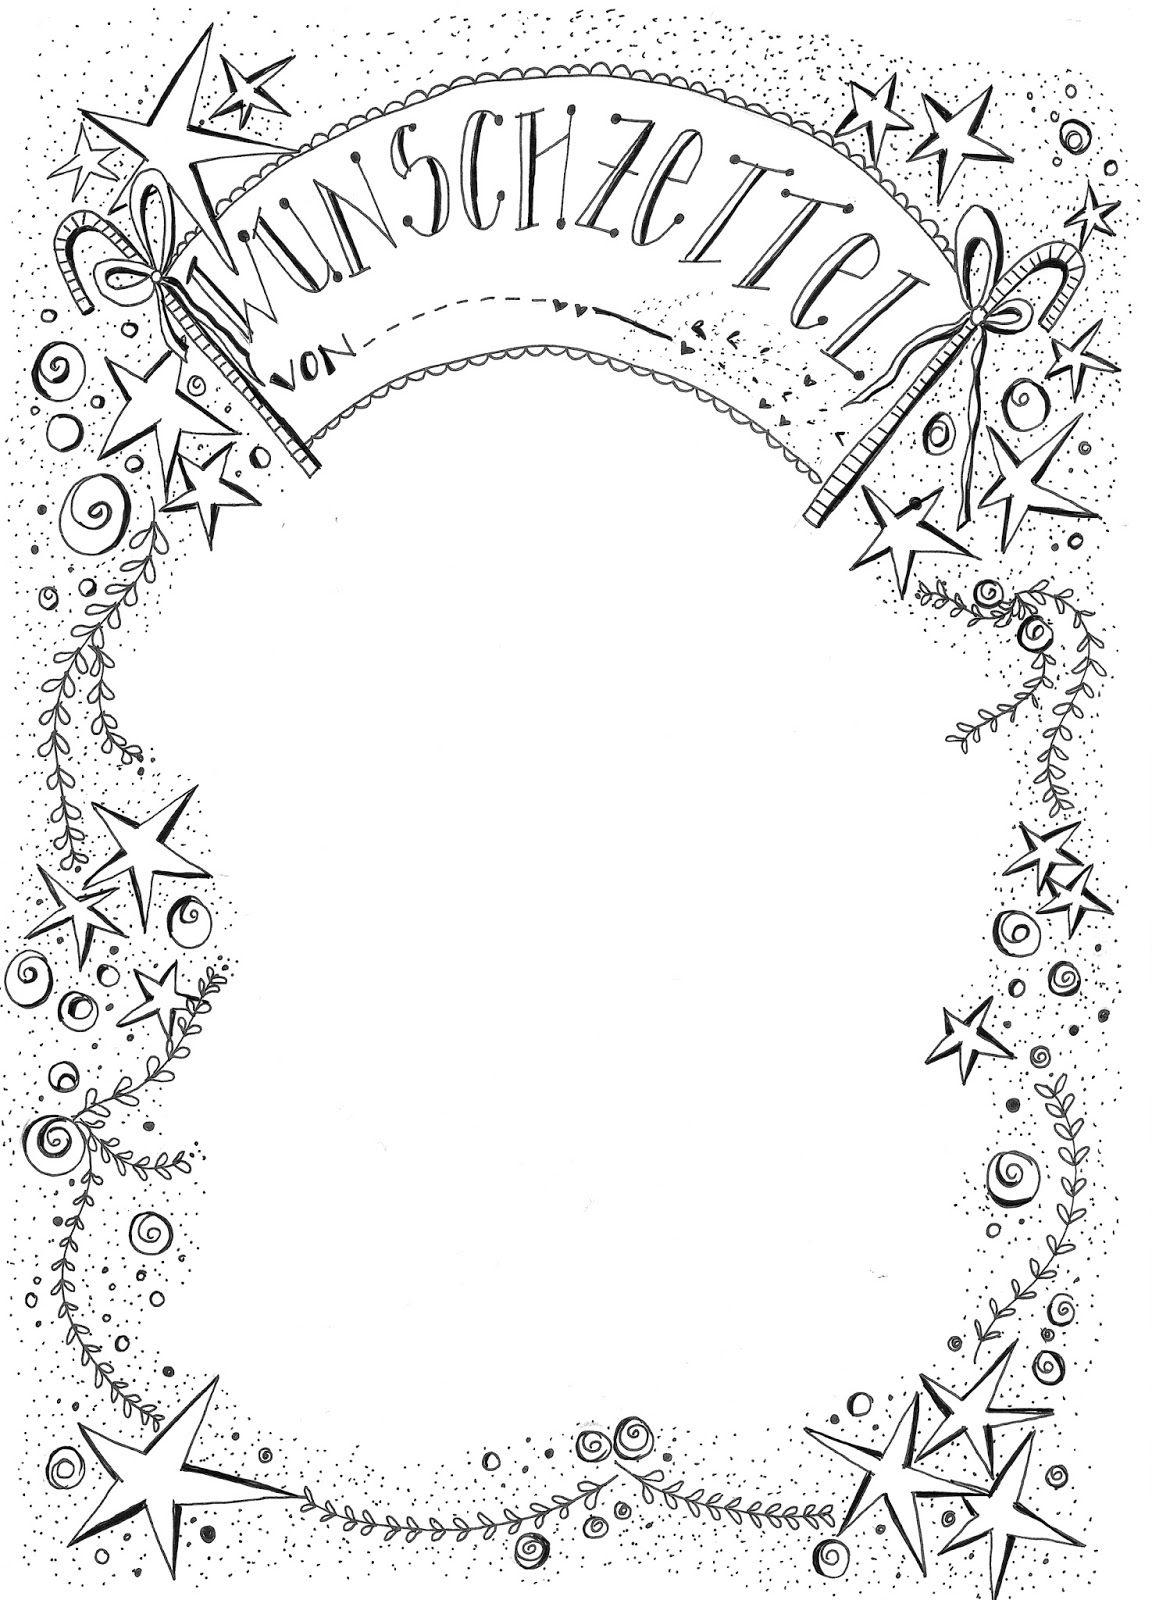 Wunschzettel Vorlage #1.adventspruch